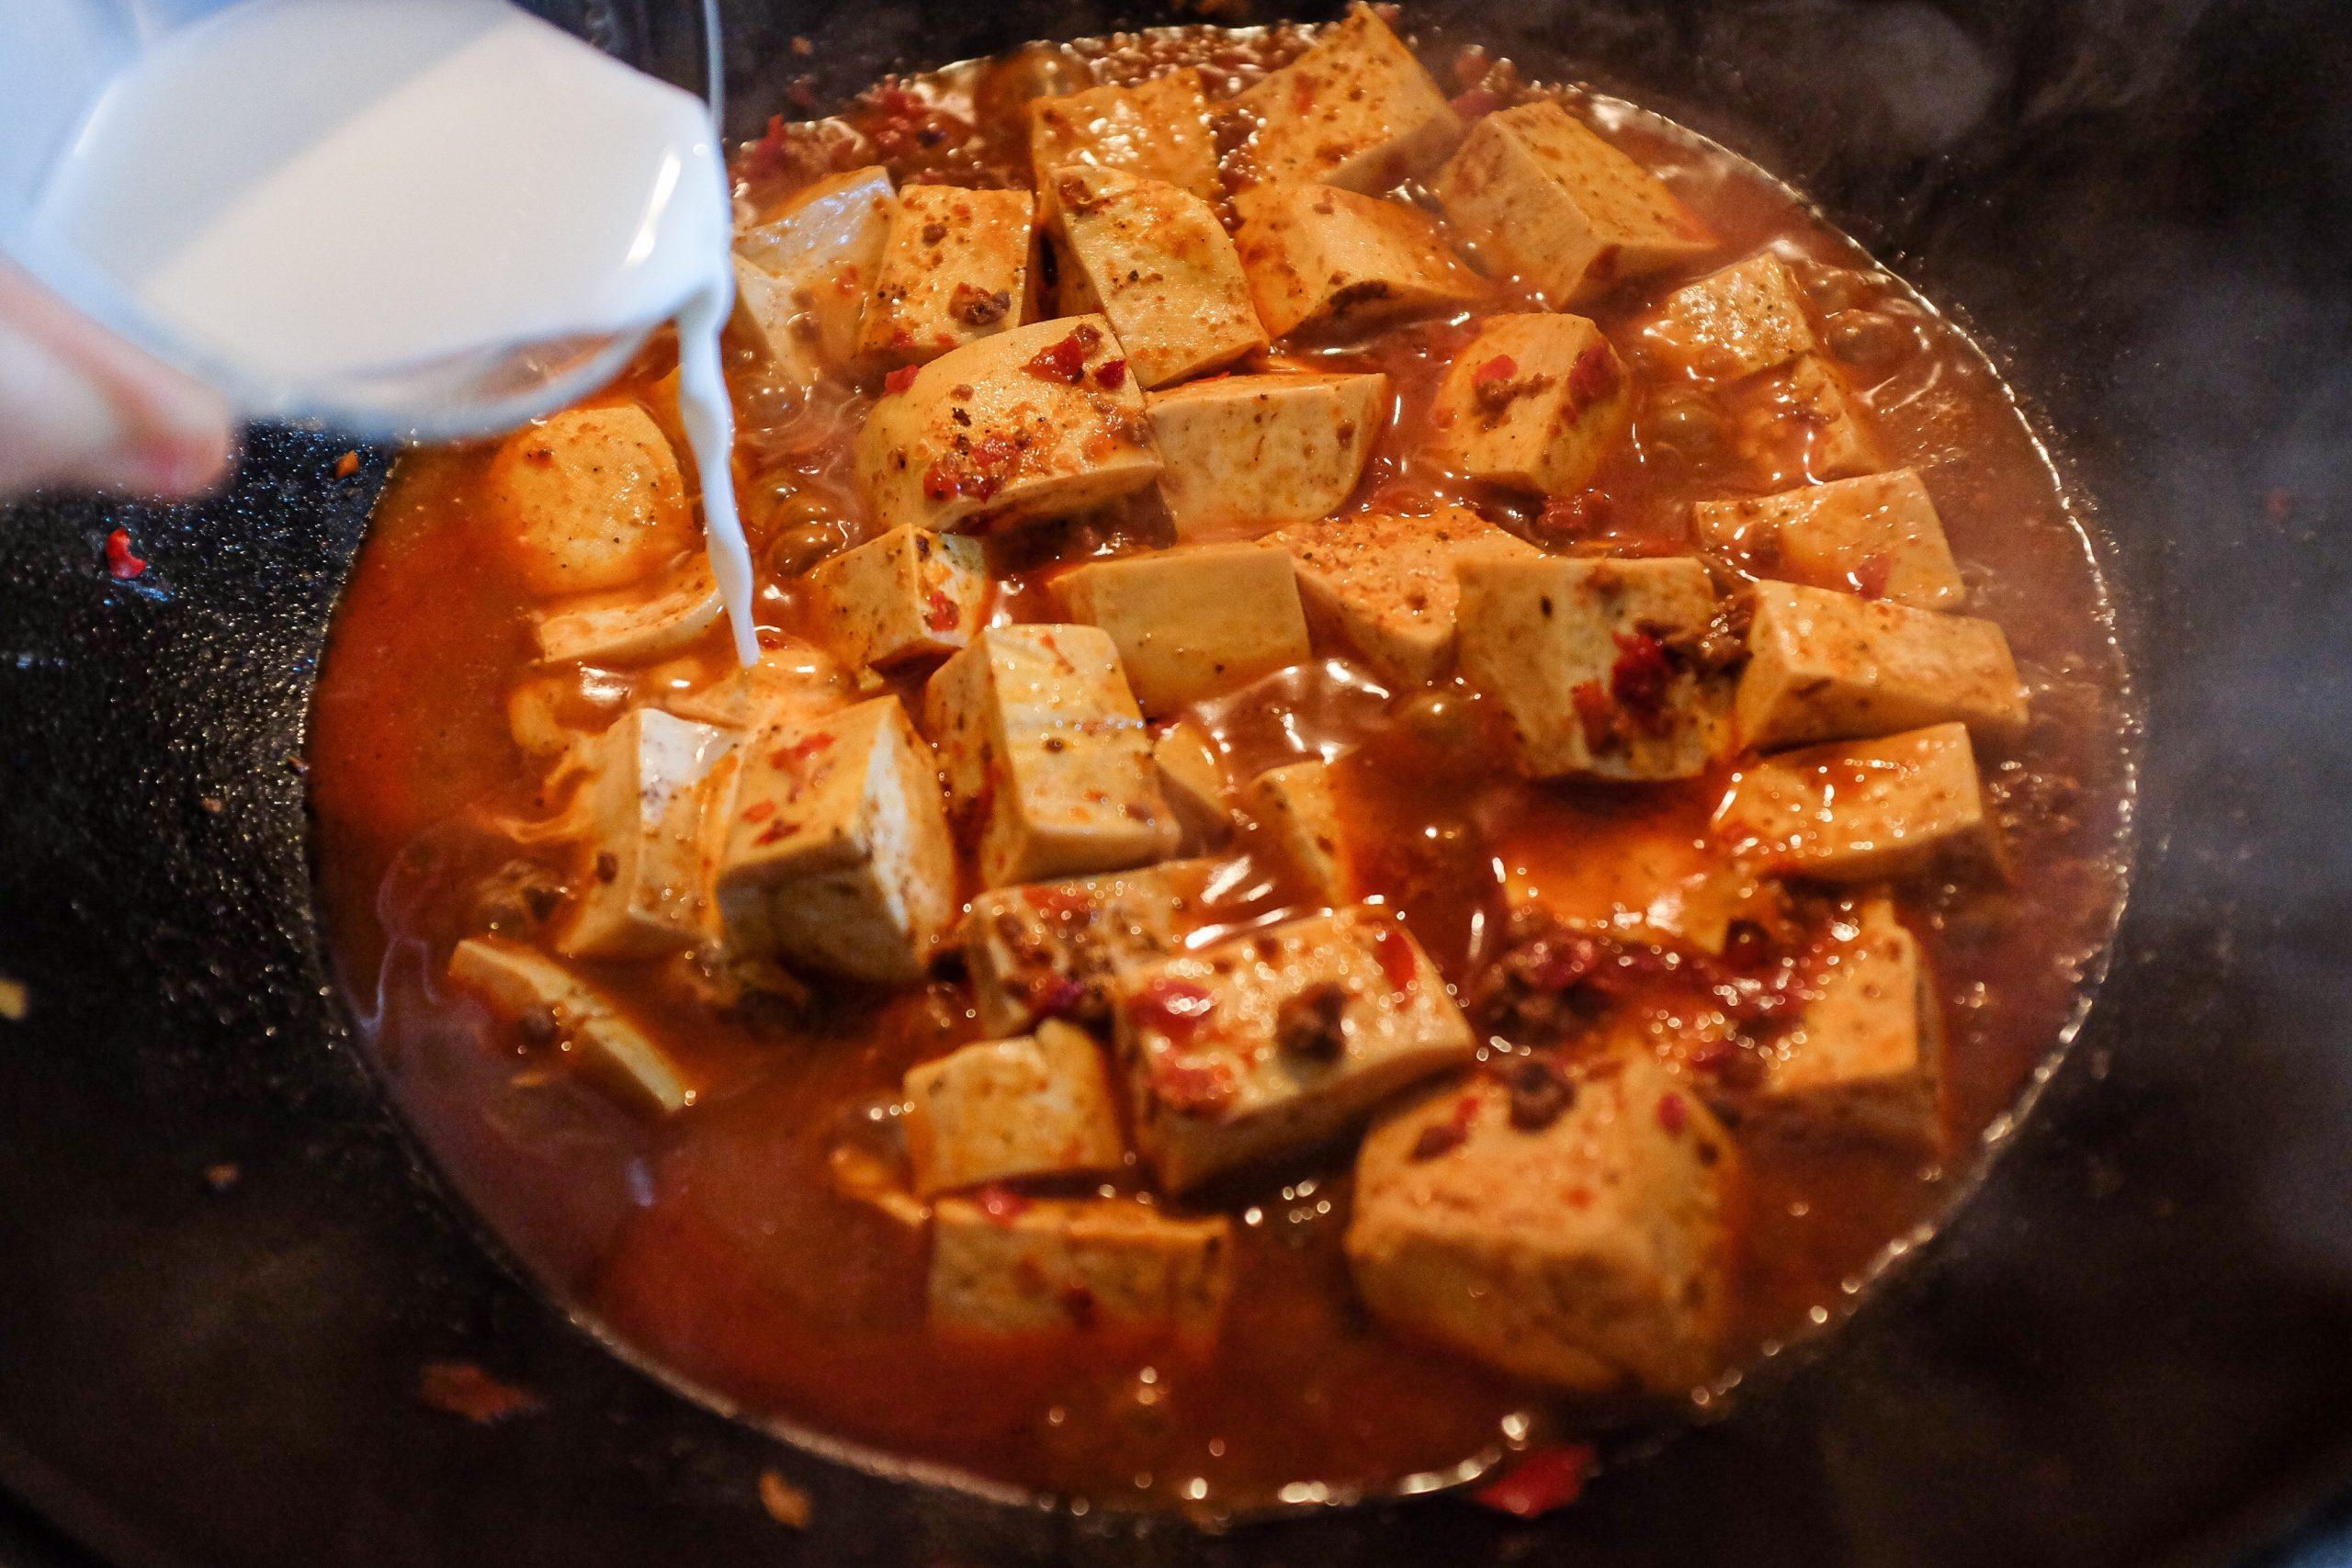 Versa questo composto sul tofu gradualmente fino a quando il liquido rimanente non si è addensato. Spengi i fuochi e gira gentilmente assicurandoti che il tutto sia ben mescolato